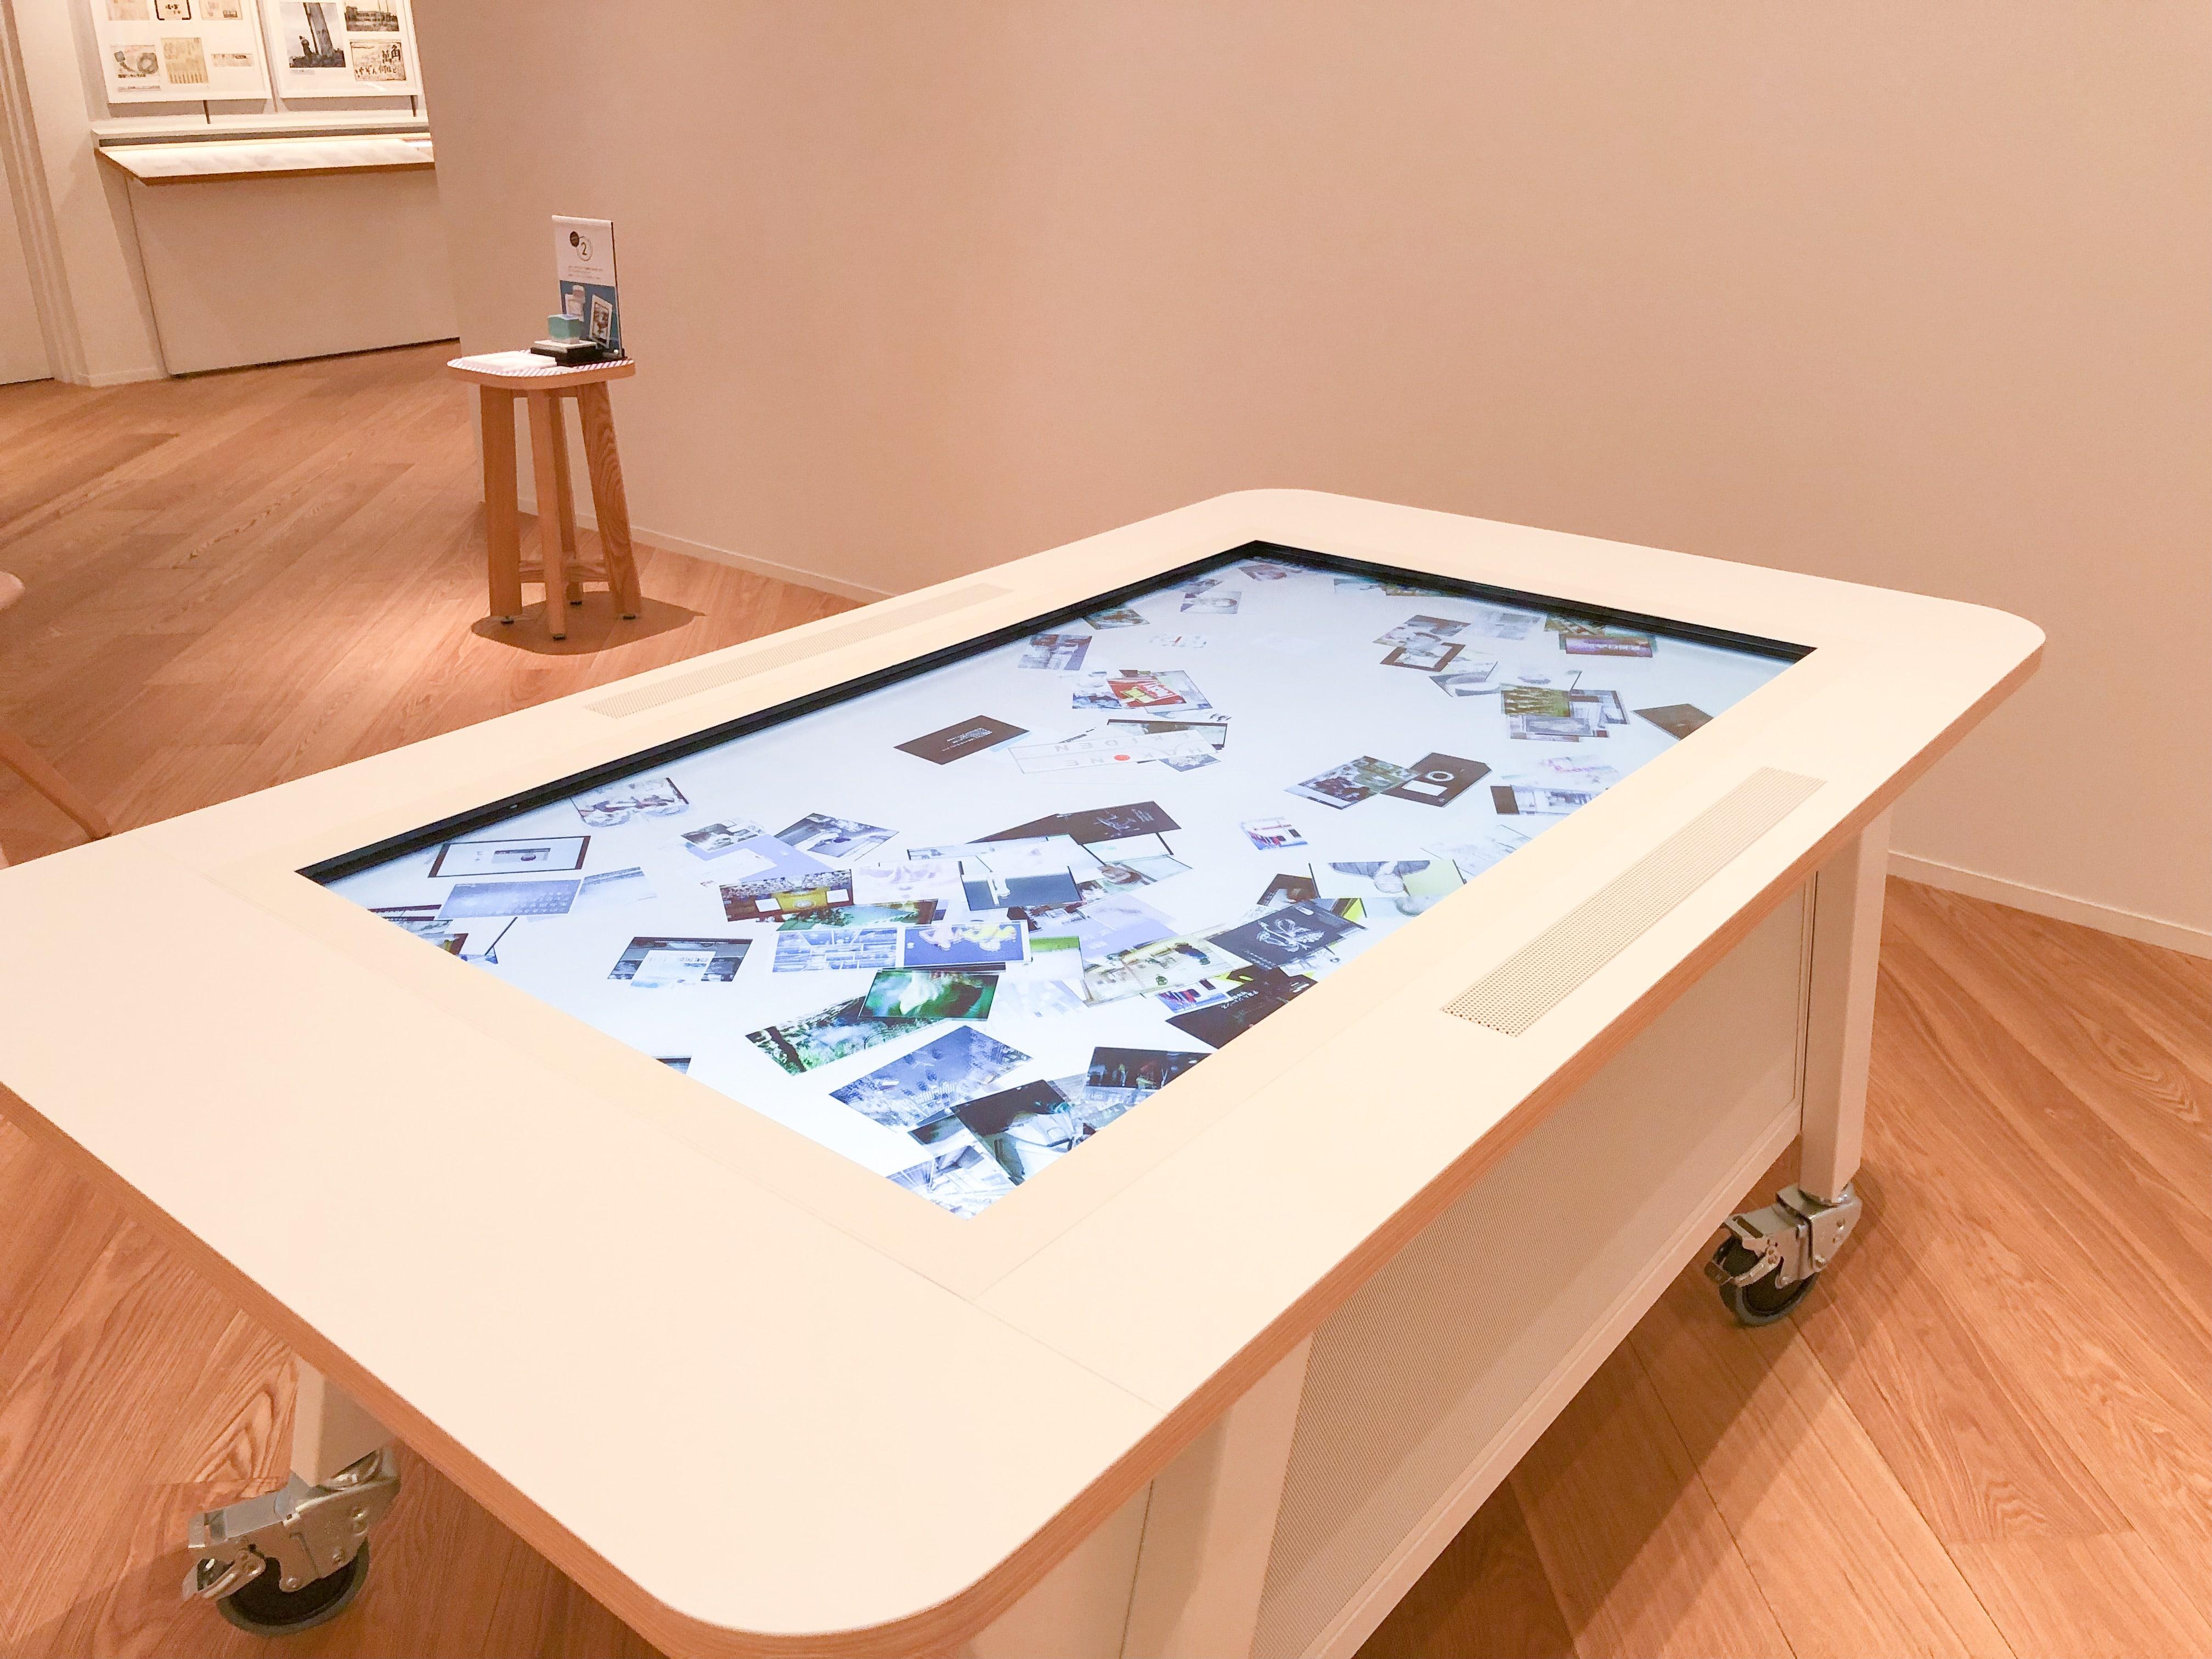 タッチして楽しめる巨大なデジタルテーブル